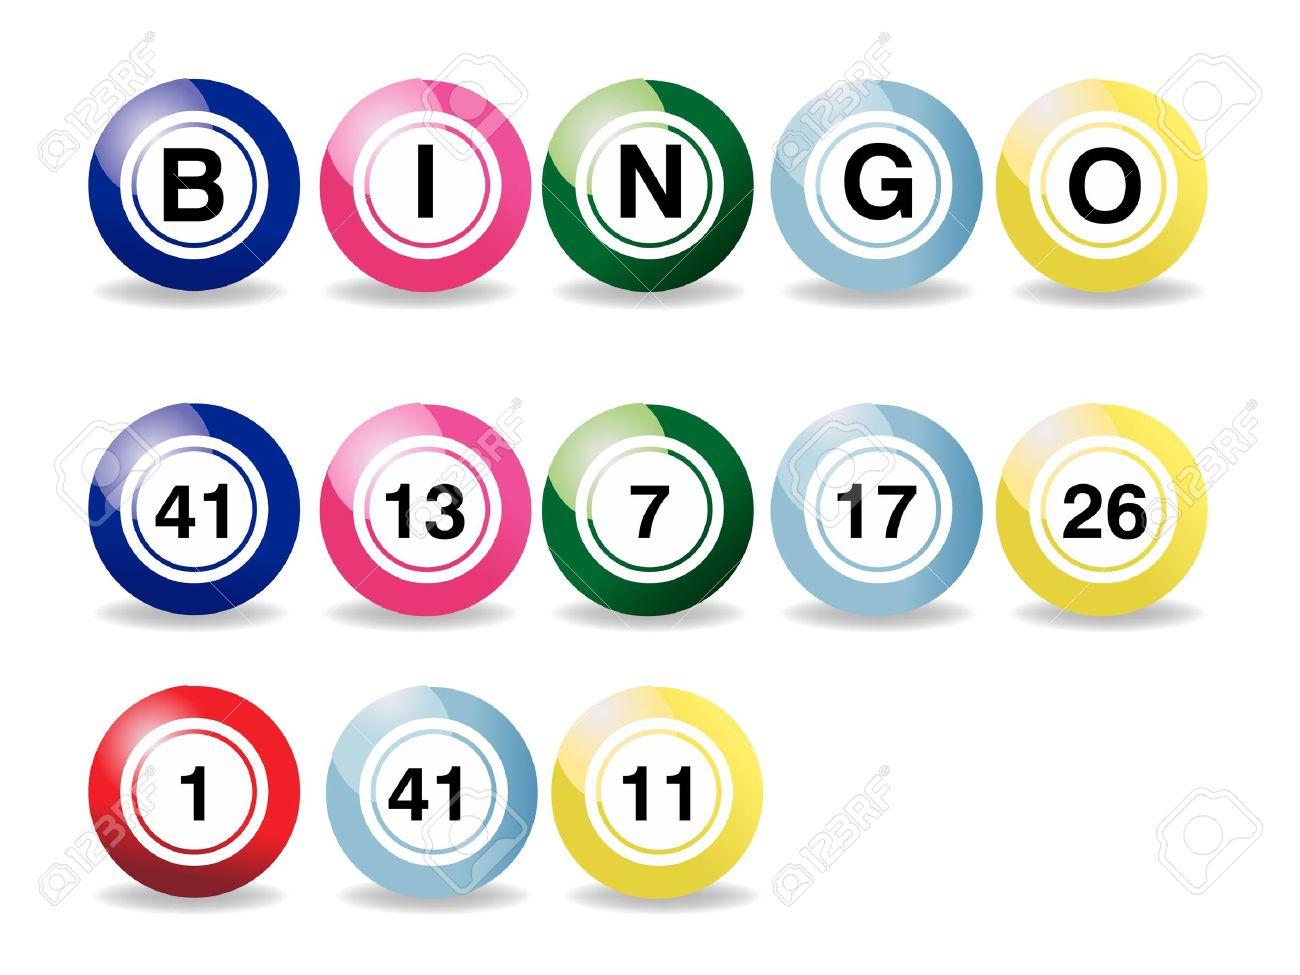 set of coloured bingo balls on a white background.